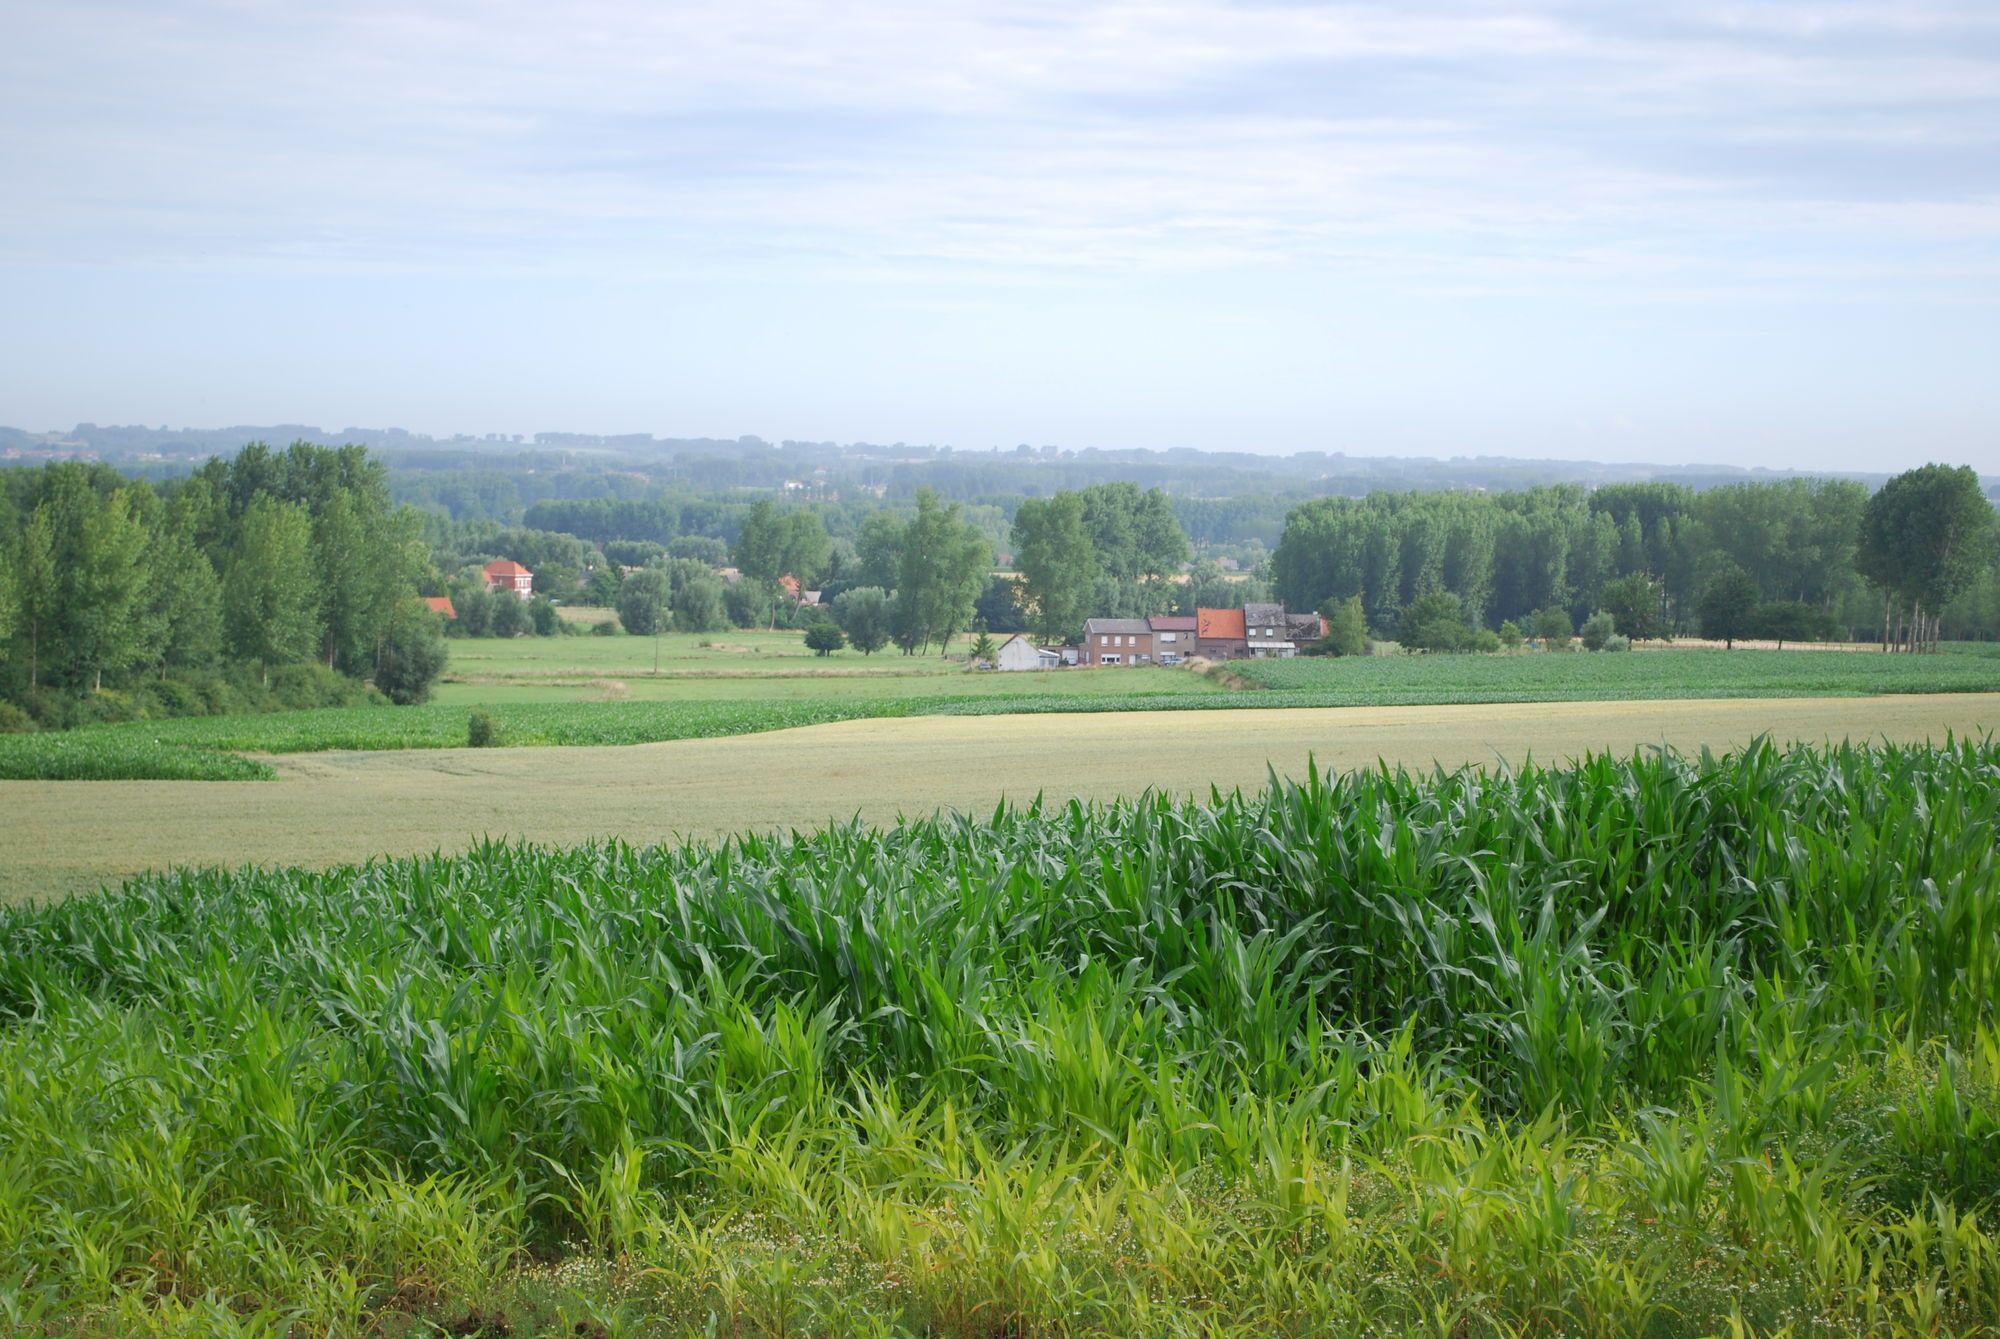 Fiets- en wandelhappening Vlaamse Ardennen/Pajottenland